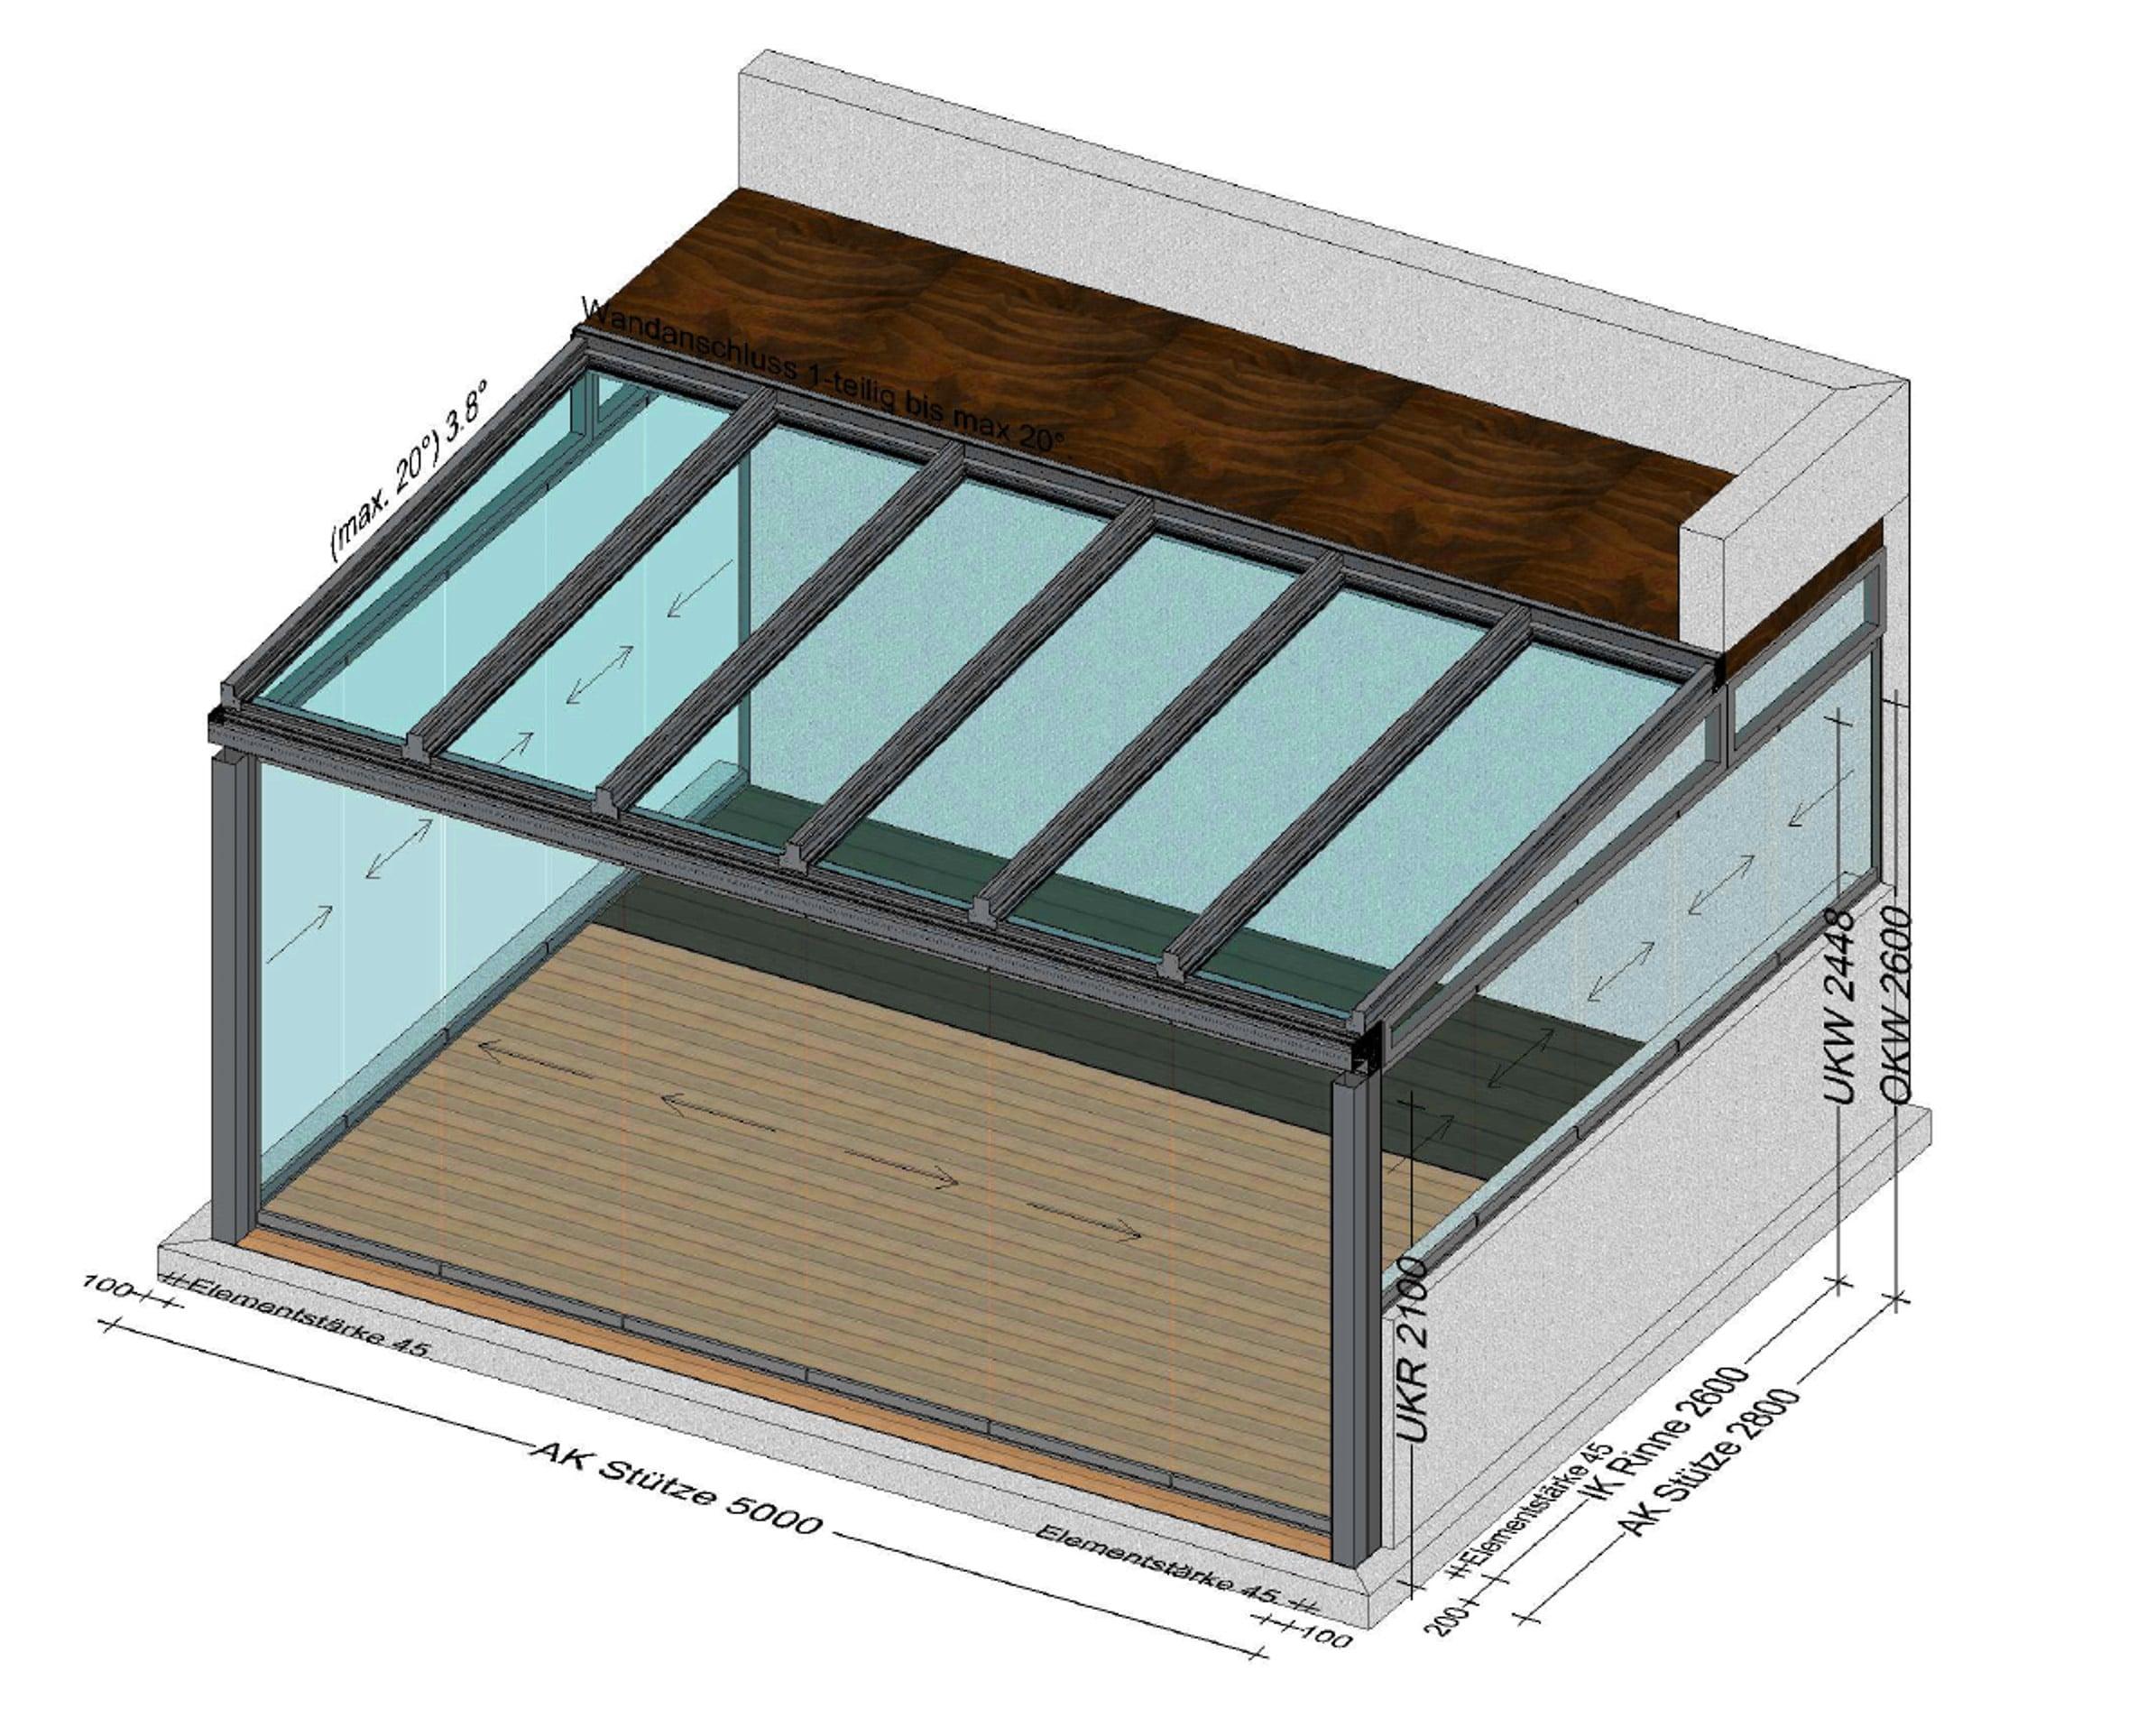 Sommergarten 3-seitig mit Schiebefenstern von Schmidinger